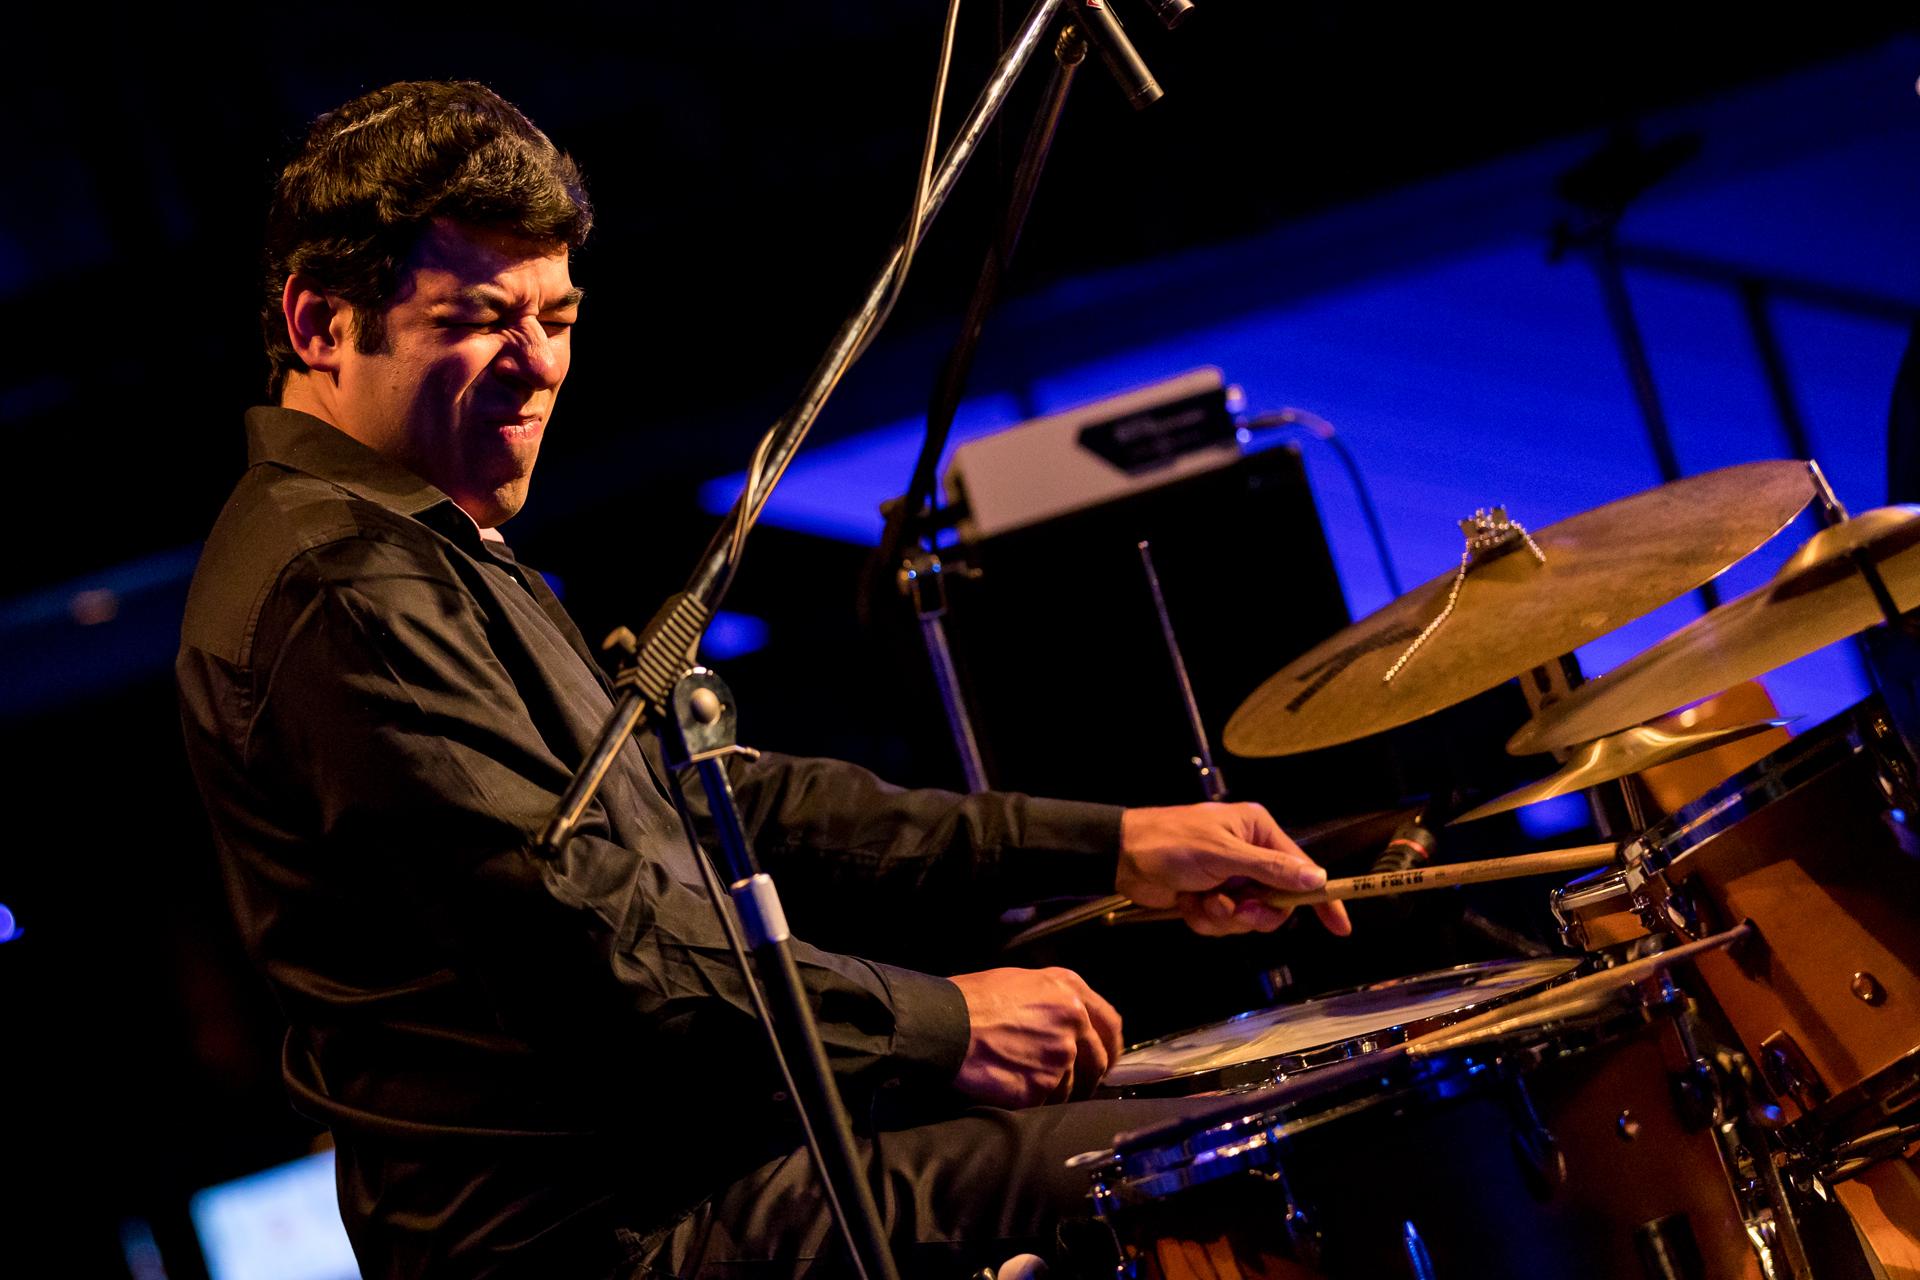 2019_09_05-Jaques-Morelenbaum-Cello-Samba-Trio-©-Luca-Vantusso-211248-EOSR0643